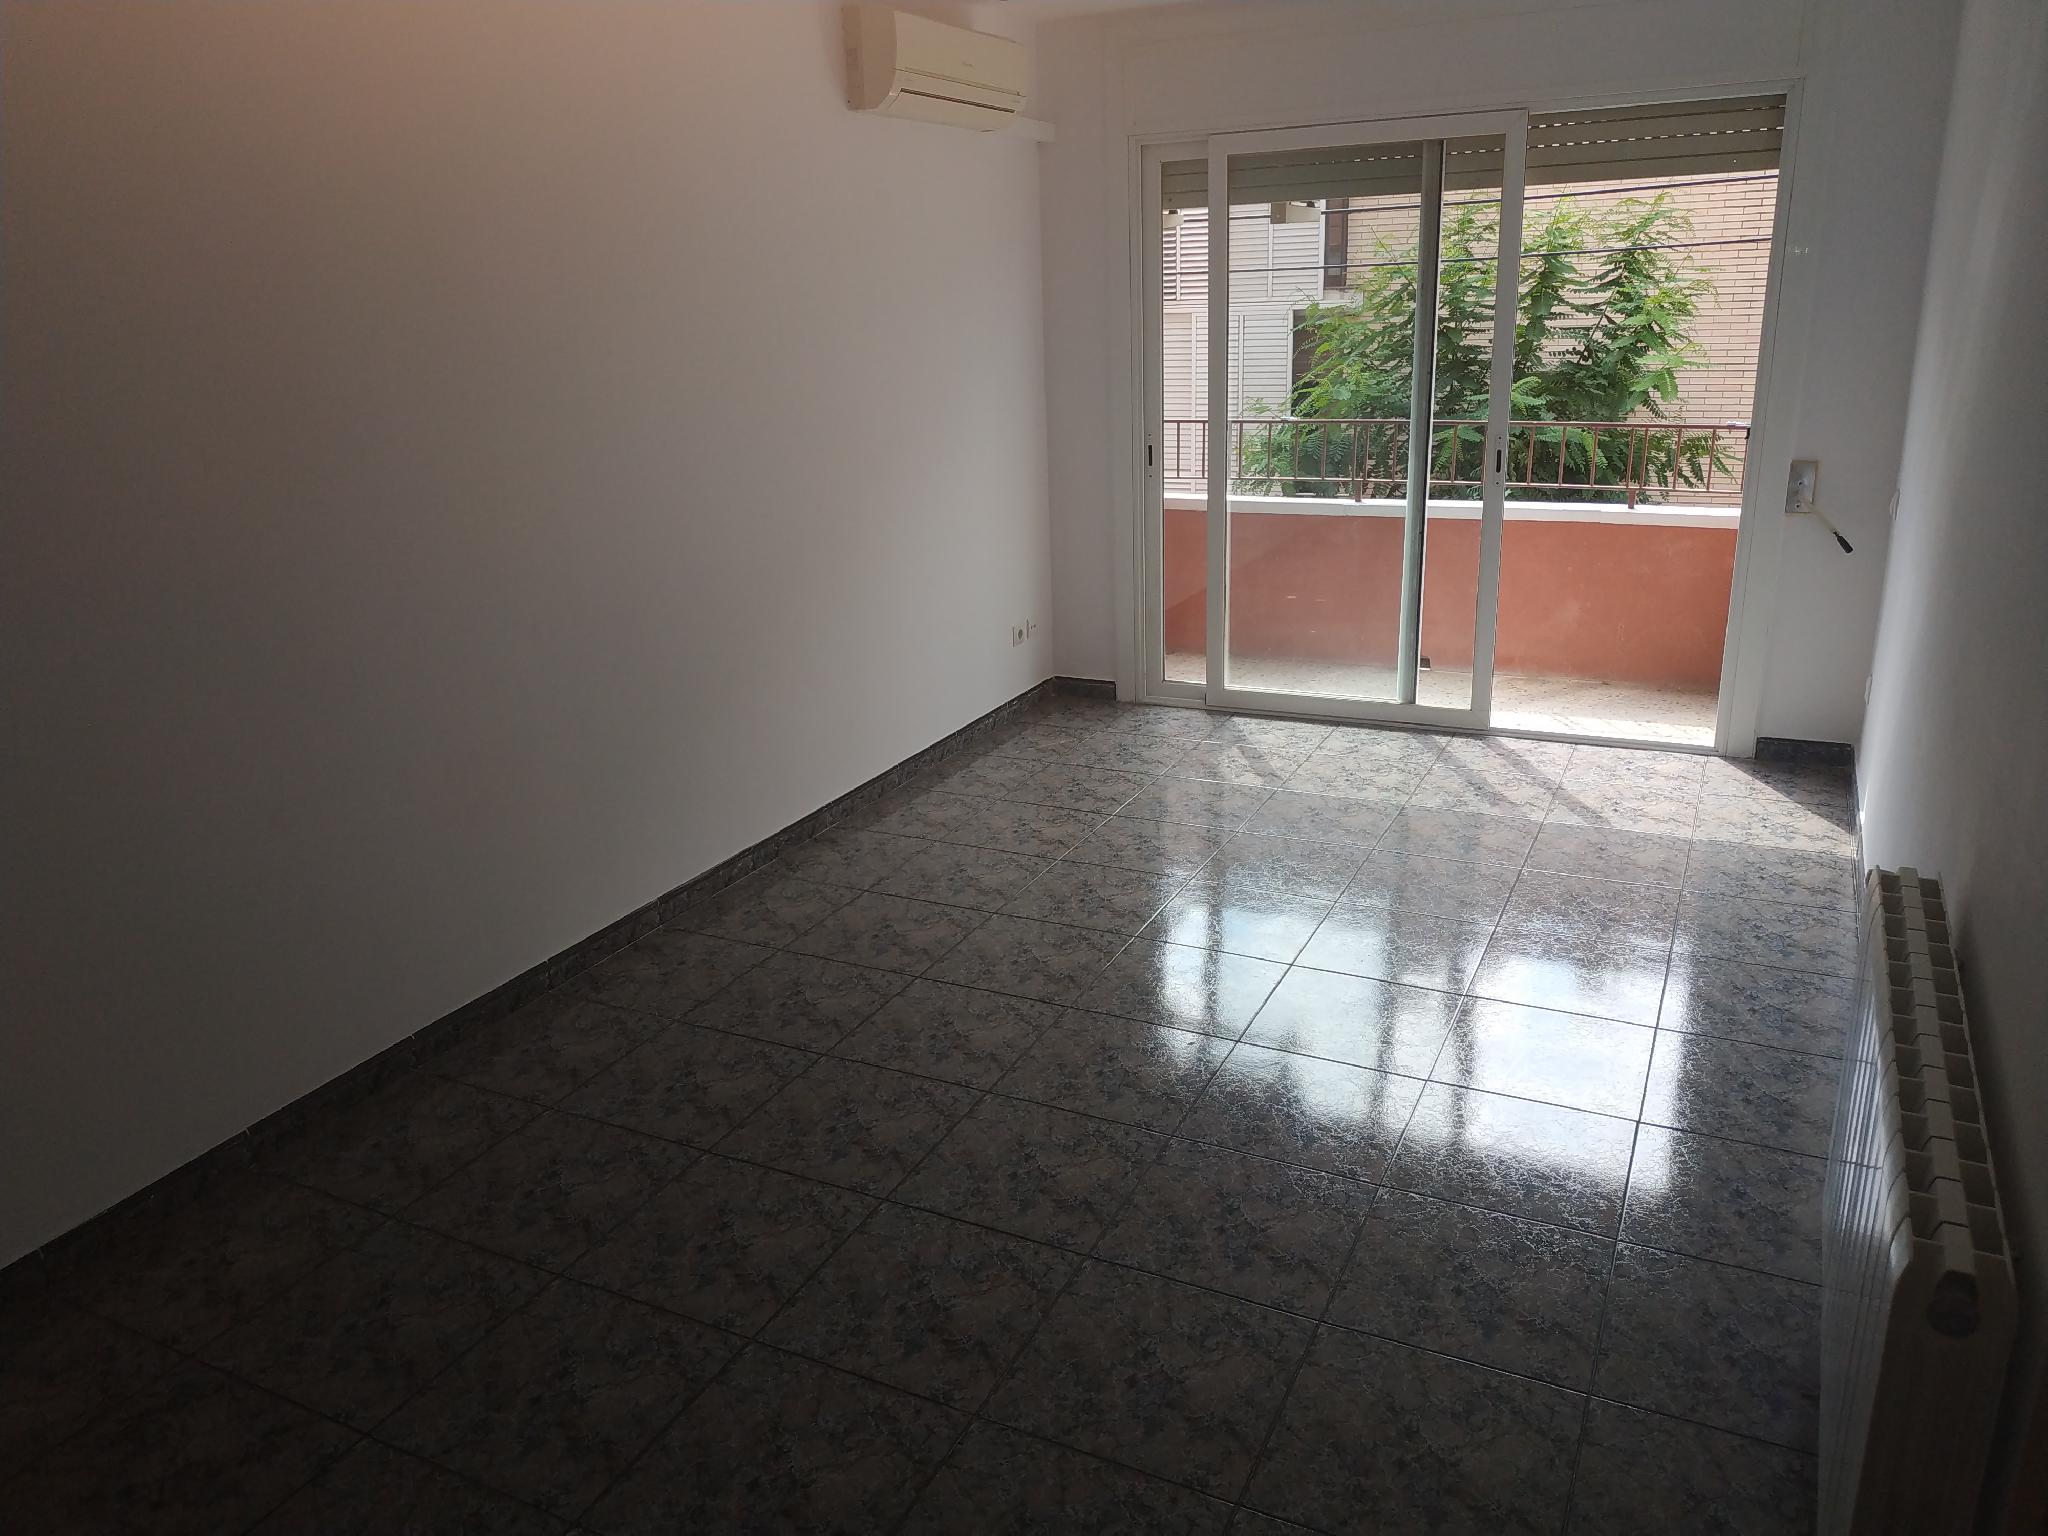 228778 - Castellar del Vallès Centro